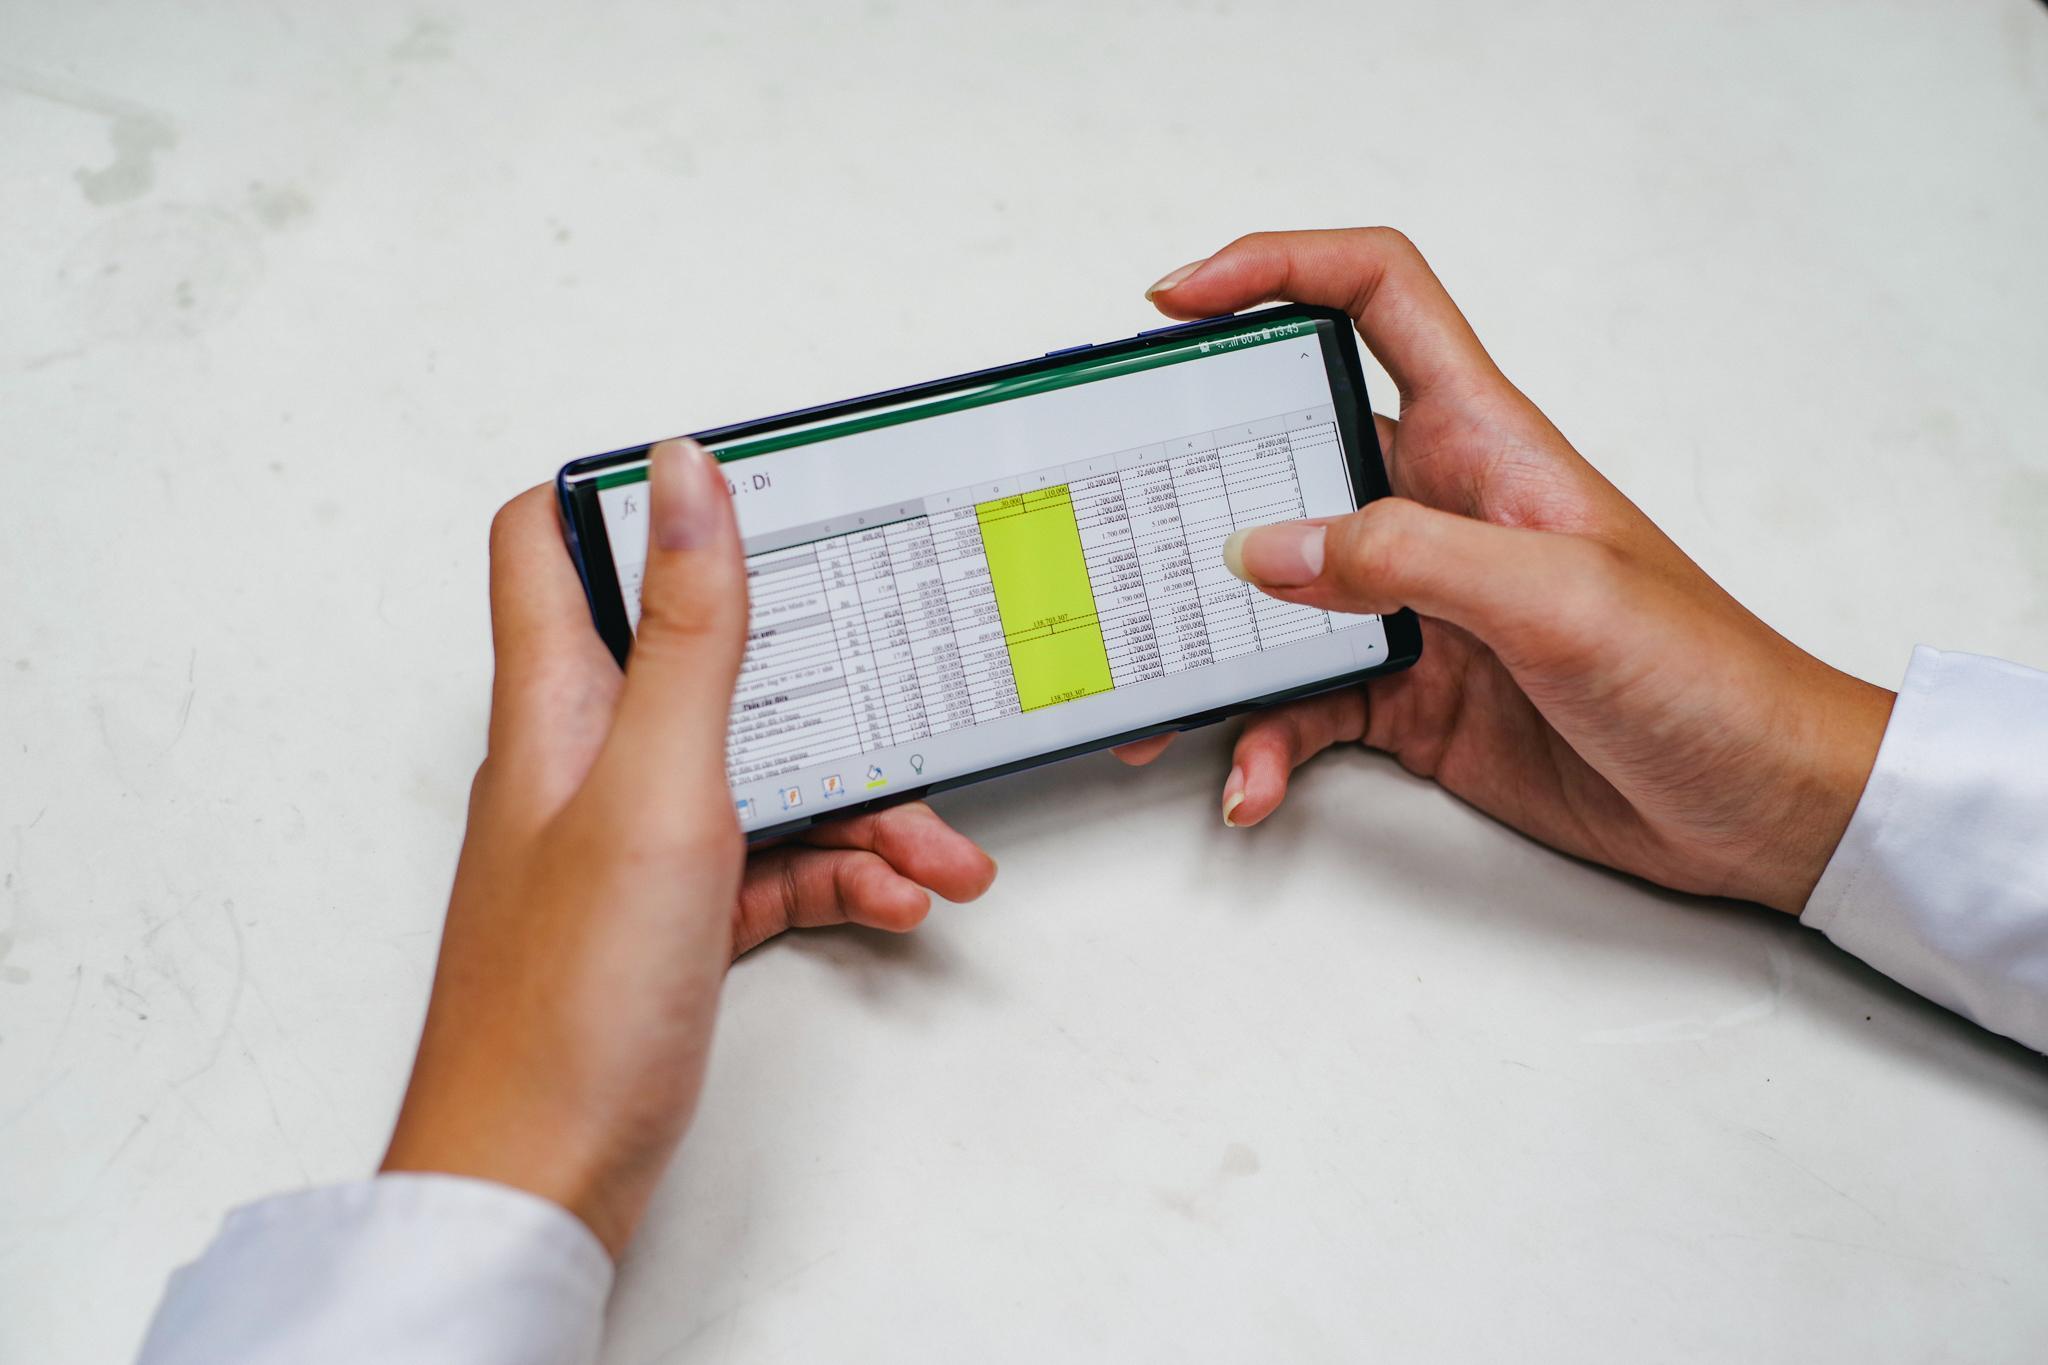 Không chỉ là điện thoại, Galaxy Note9 còn là công cụ tuyệt vời cho chàng trai này kiếm tiền hàng ngày - Ảnh 9.